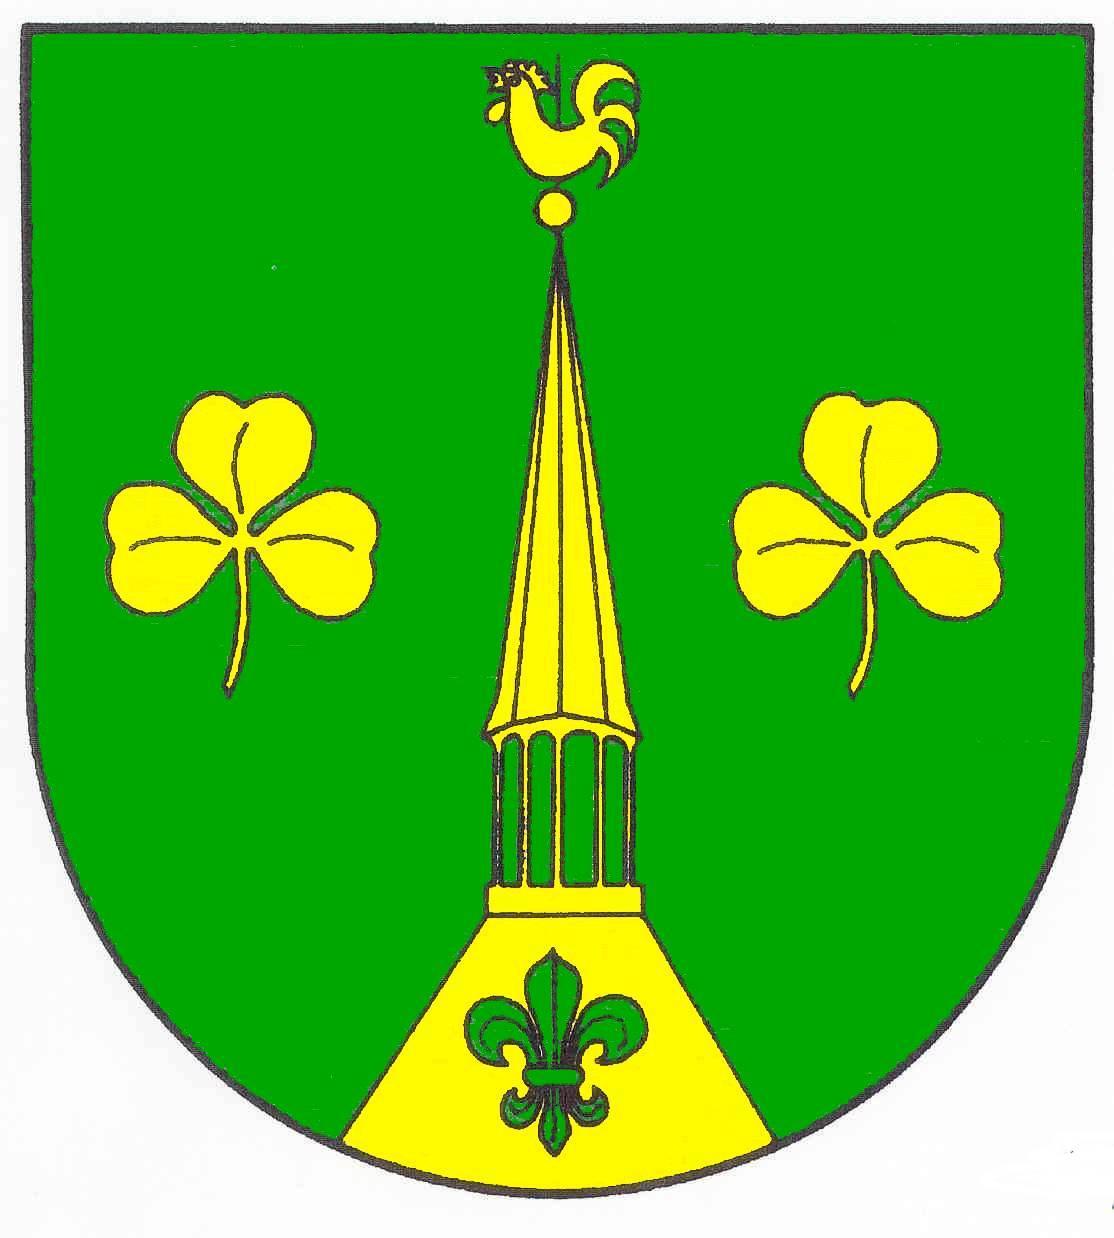 Wappen GemeindeHürup, Kreis Schleswig-Flensburg